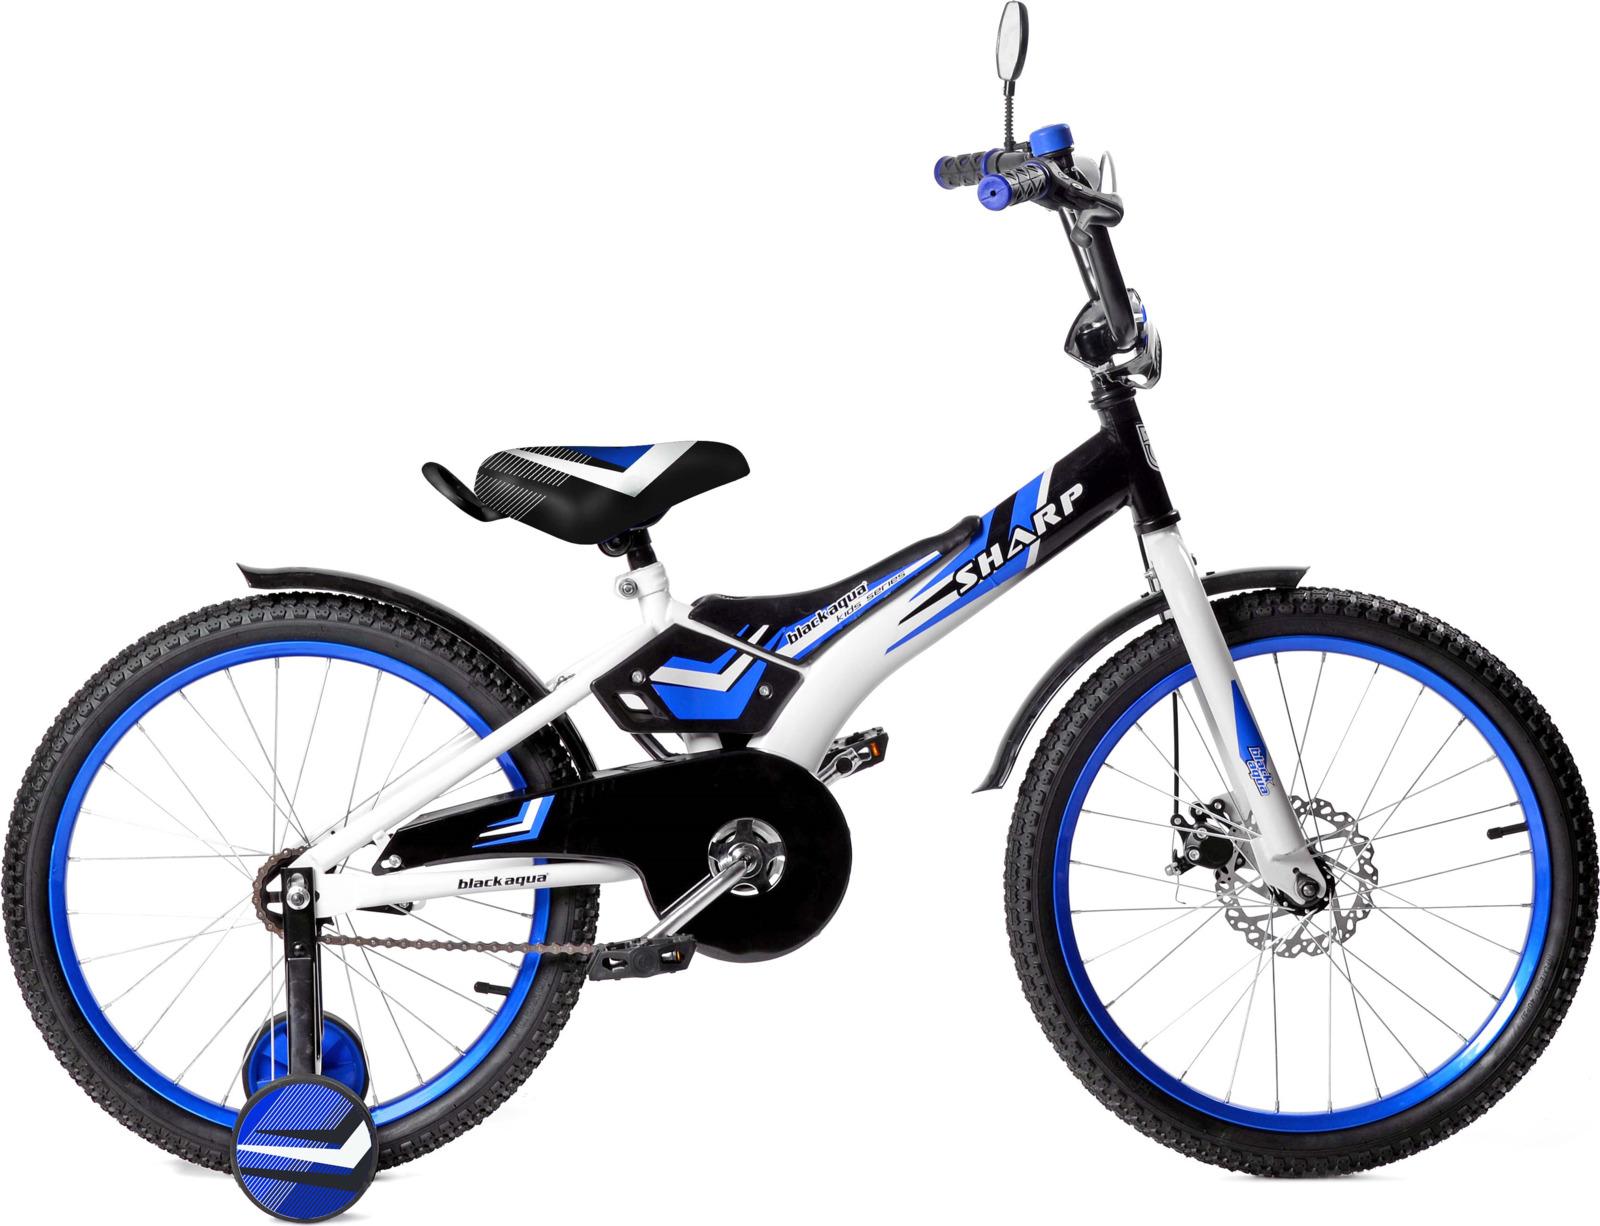 Велосипед детский Black Aqua Sharp, KG1410, со светящимися колесами, колесо 14, синий